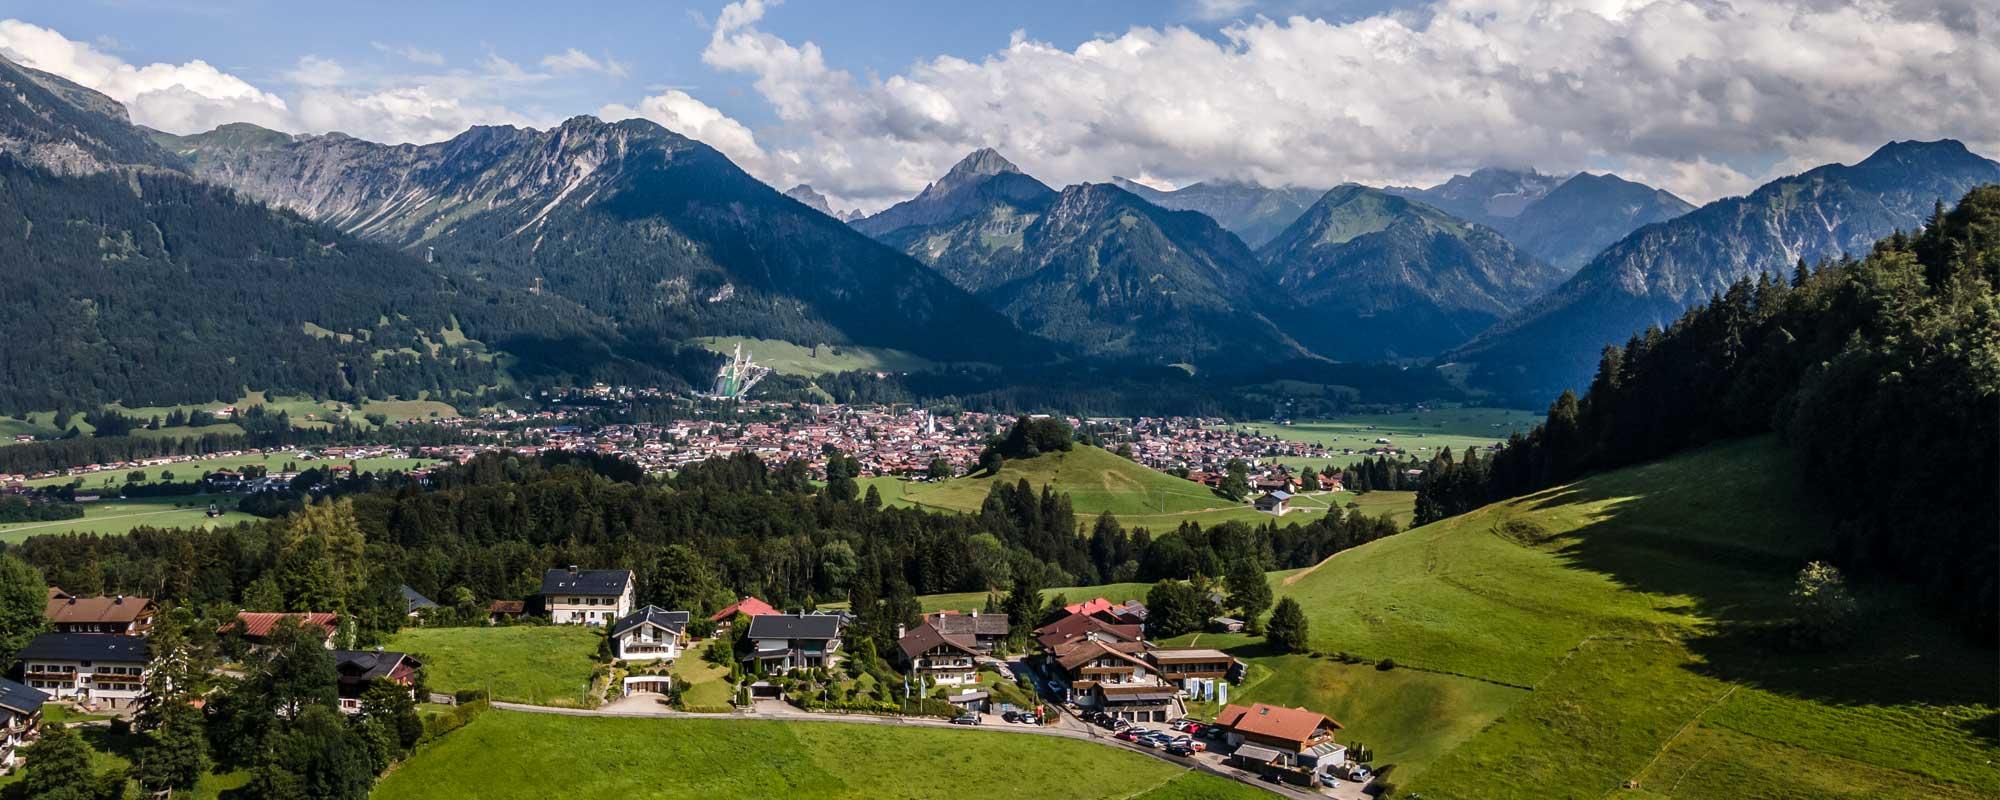 Alpin Deluxe Aussicht